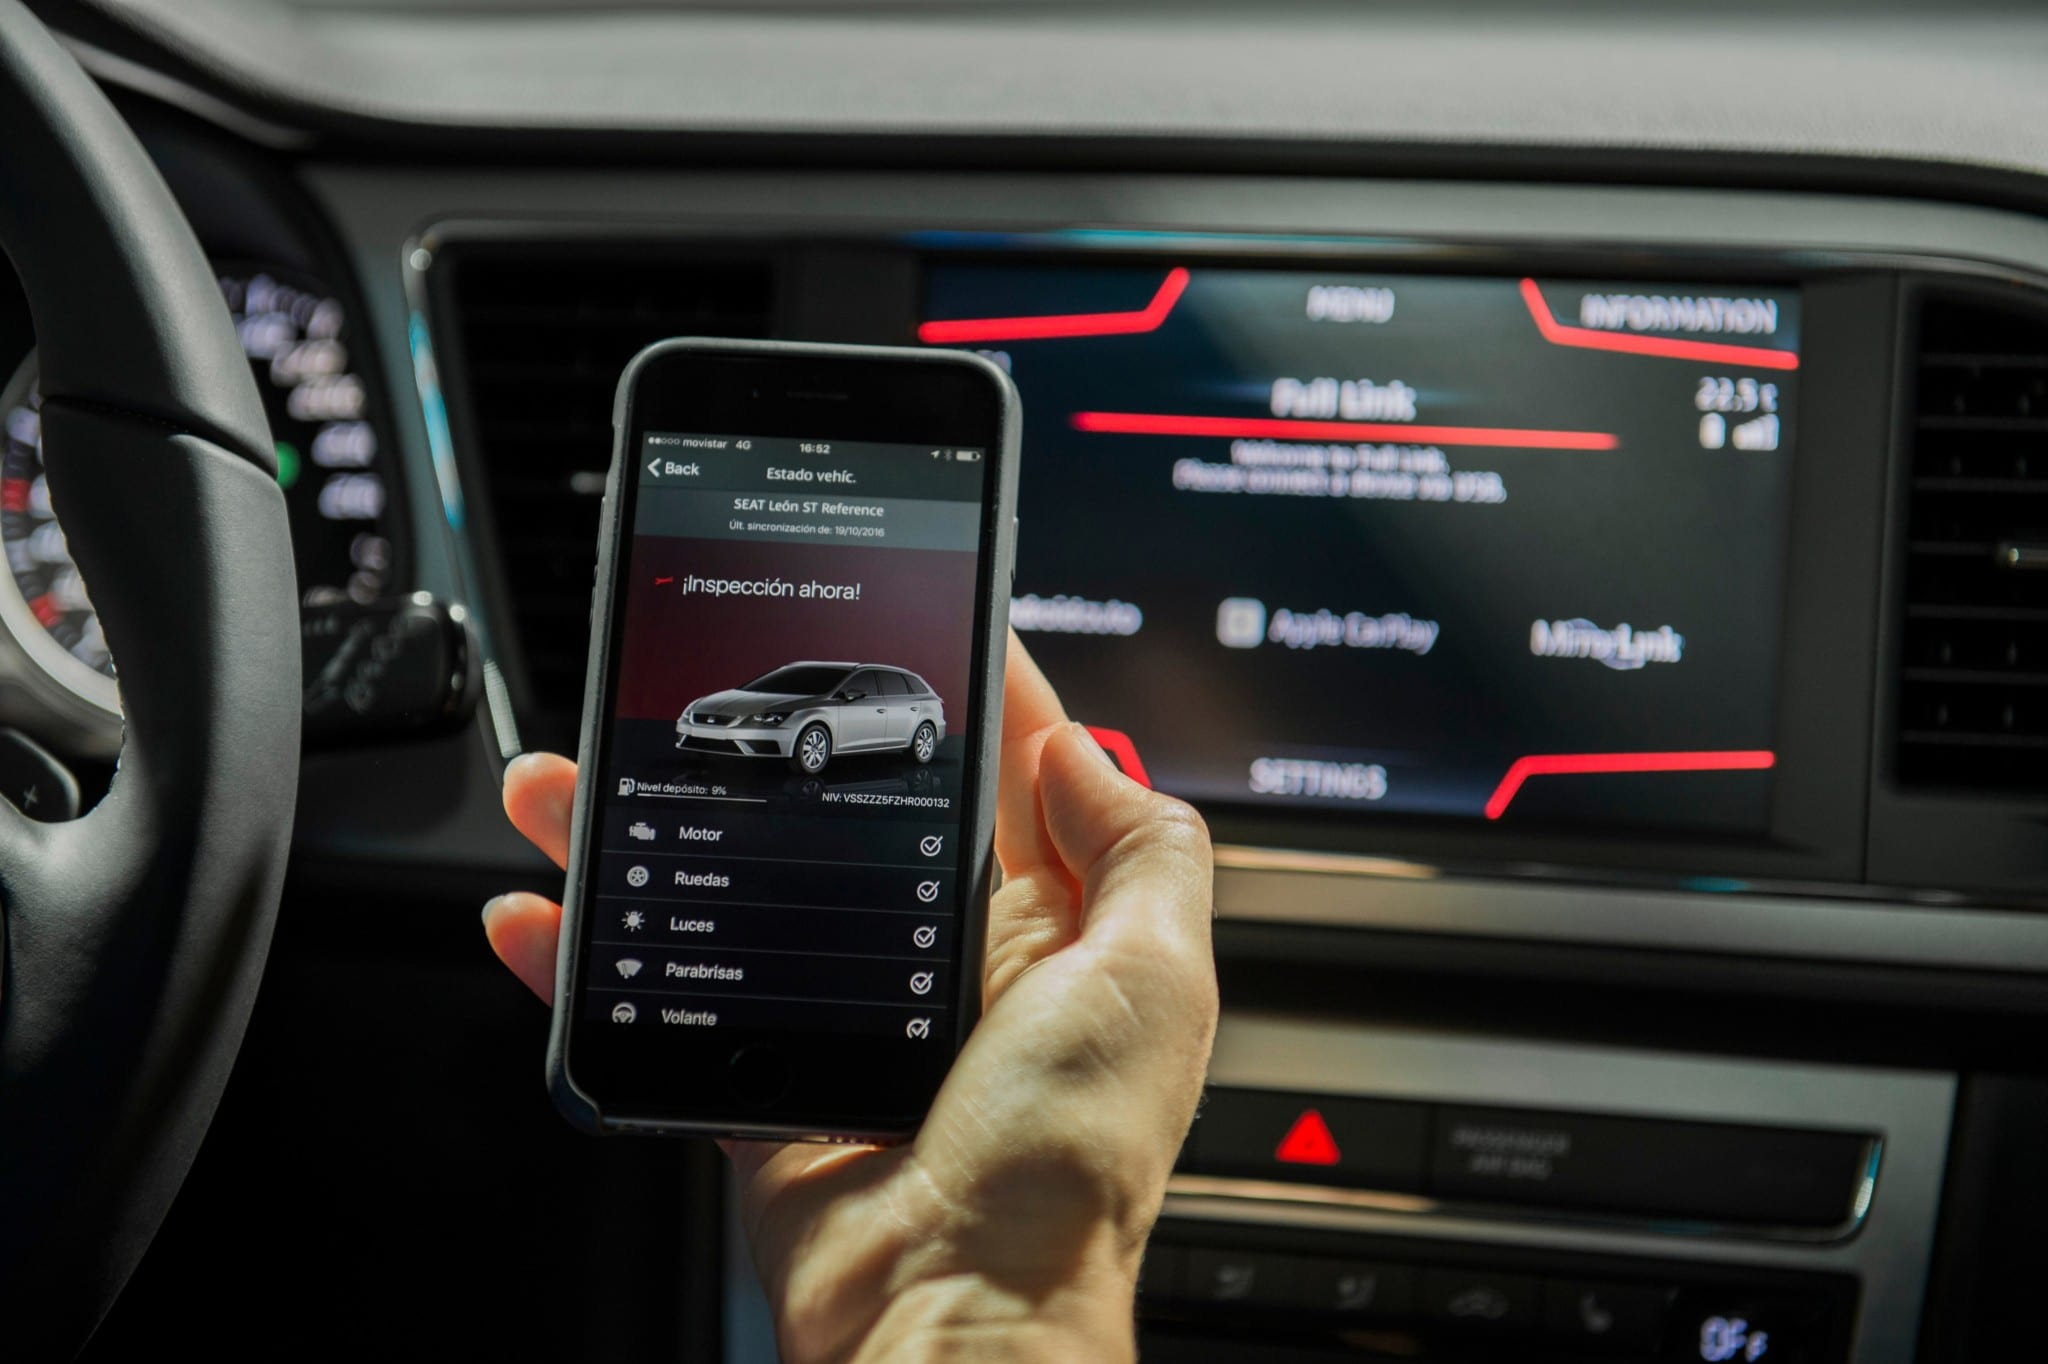 SEAT León ST conectividad móvil